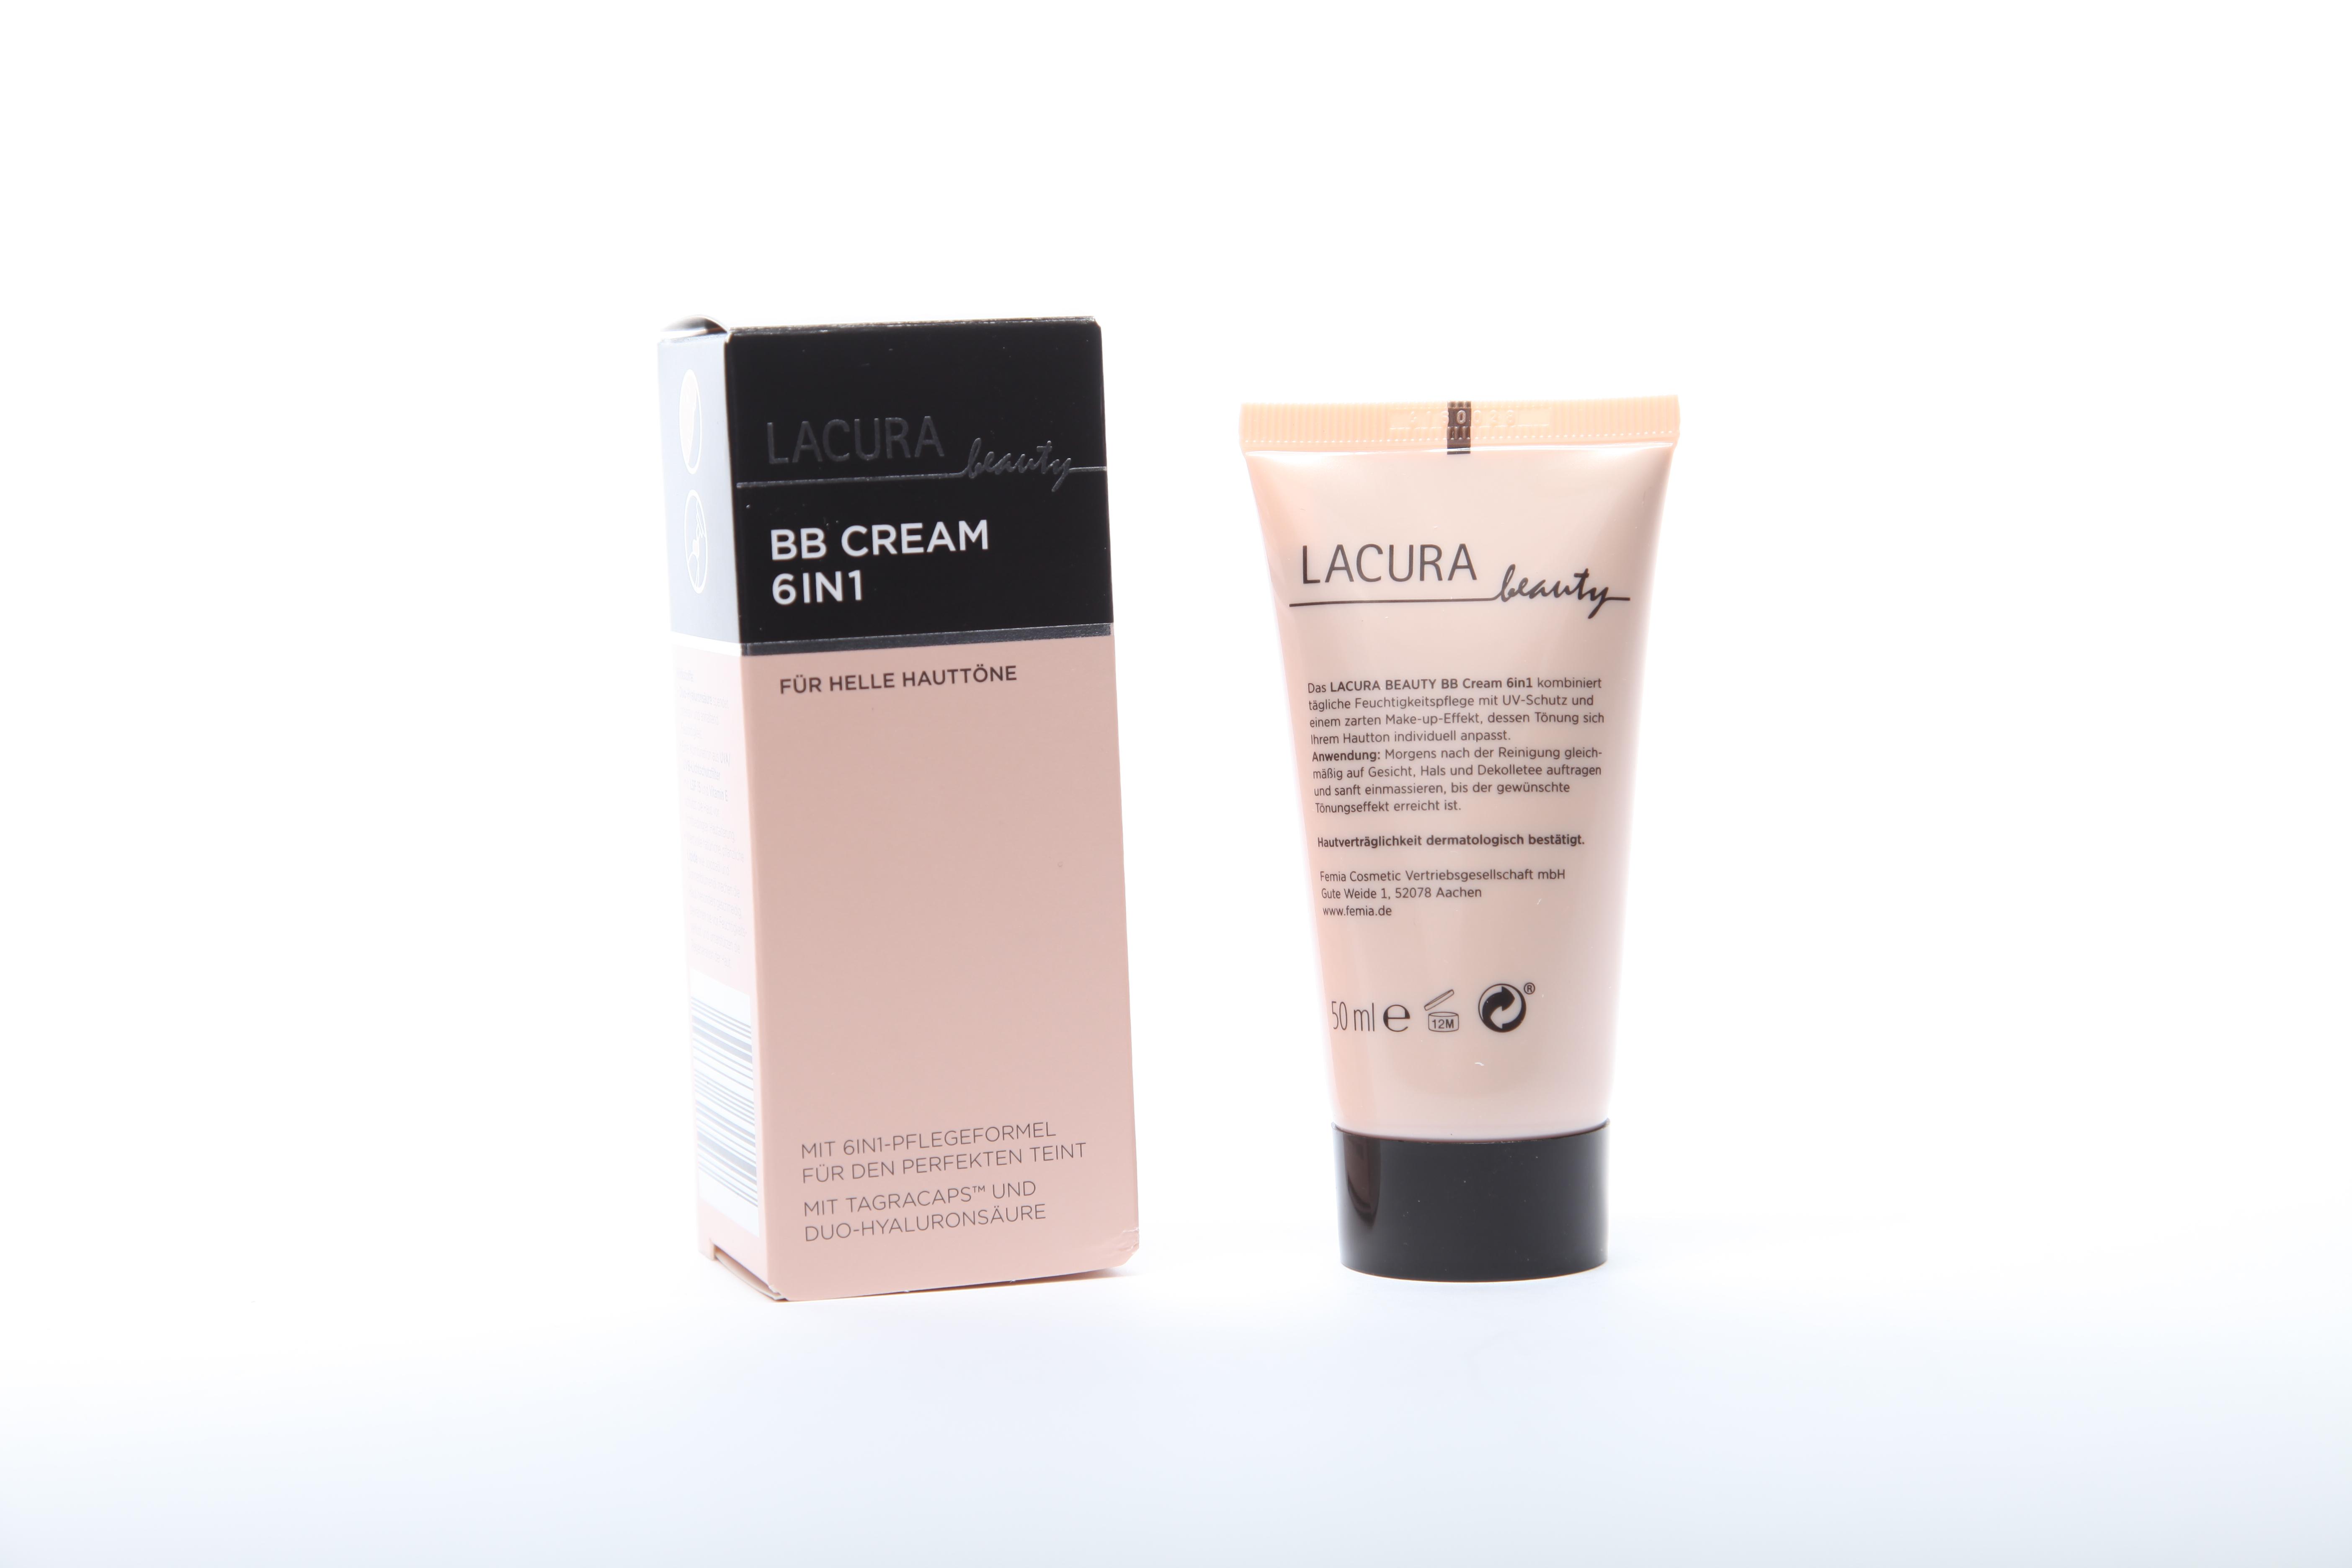 BB Cream Lacura